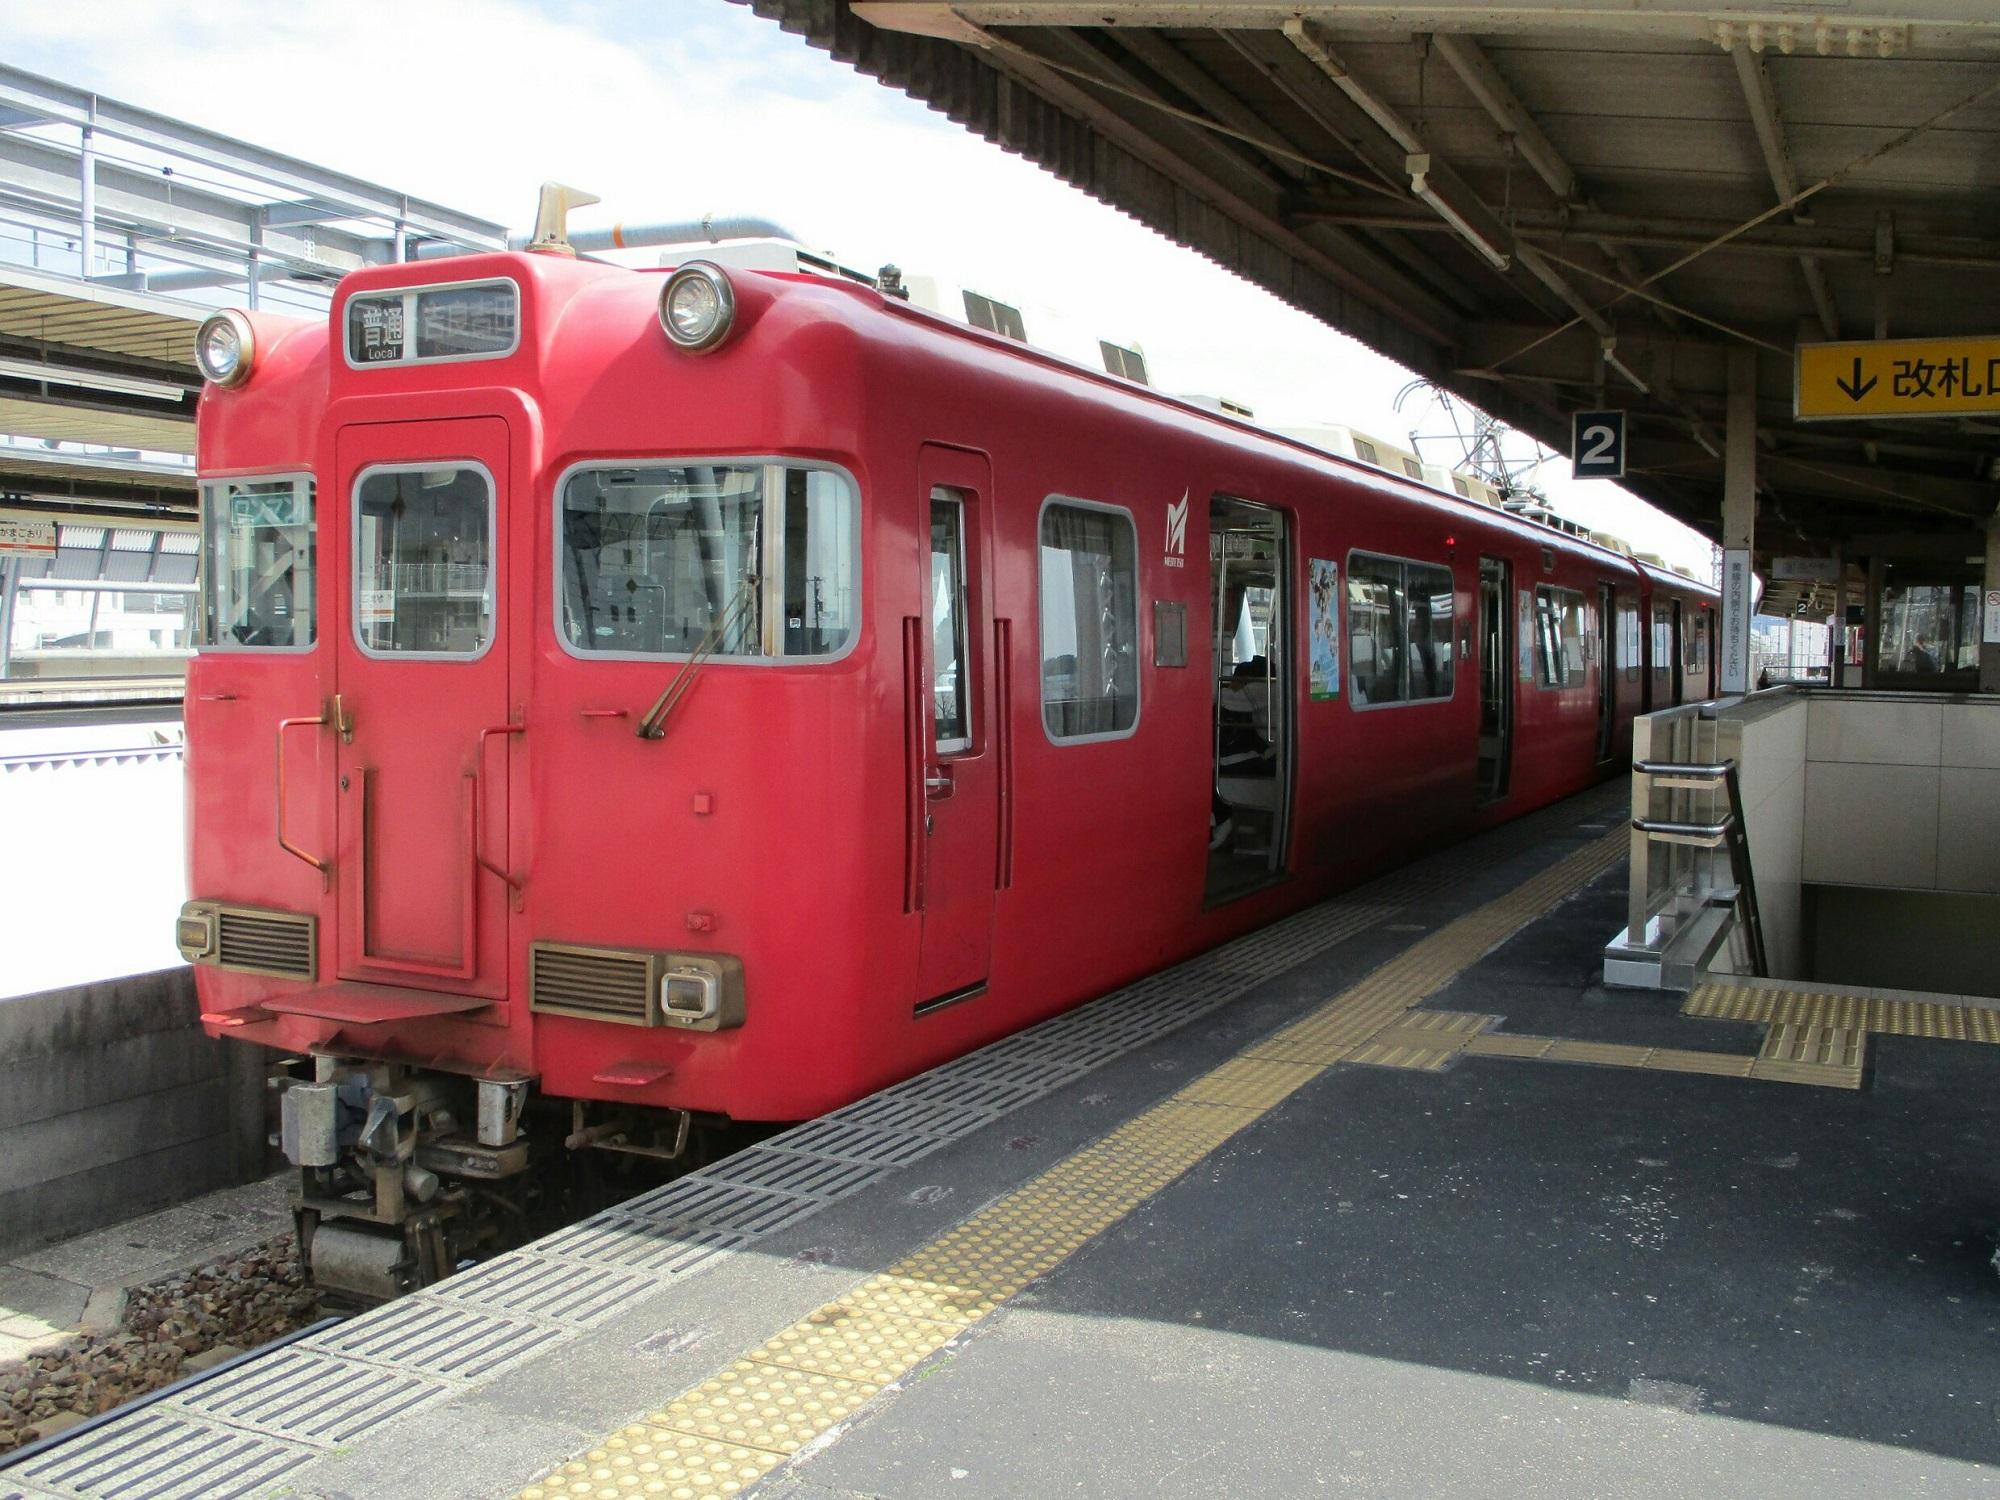 2019.3.26 (46) 蒲郡 - 吉良吉田いきふつう 2000-1500